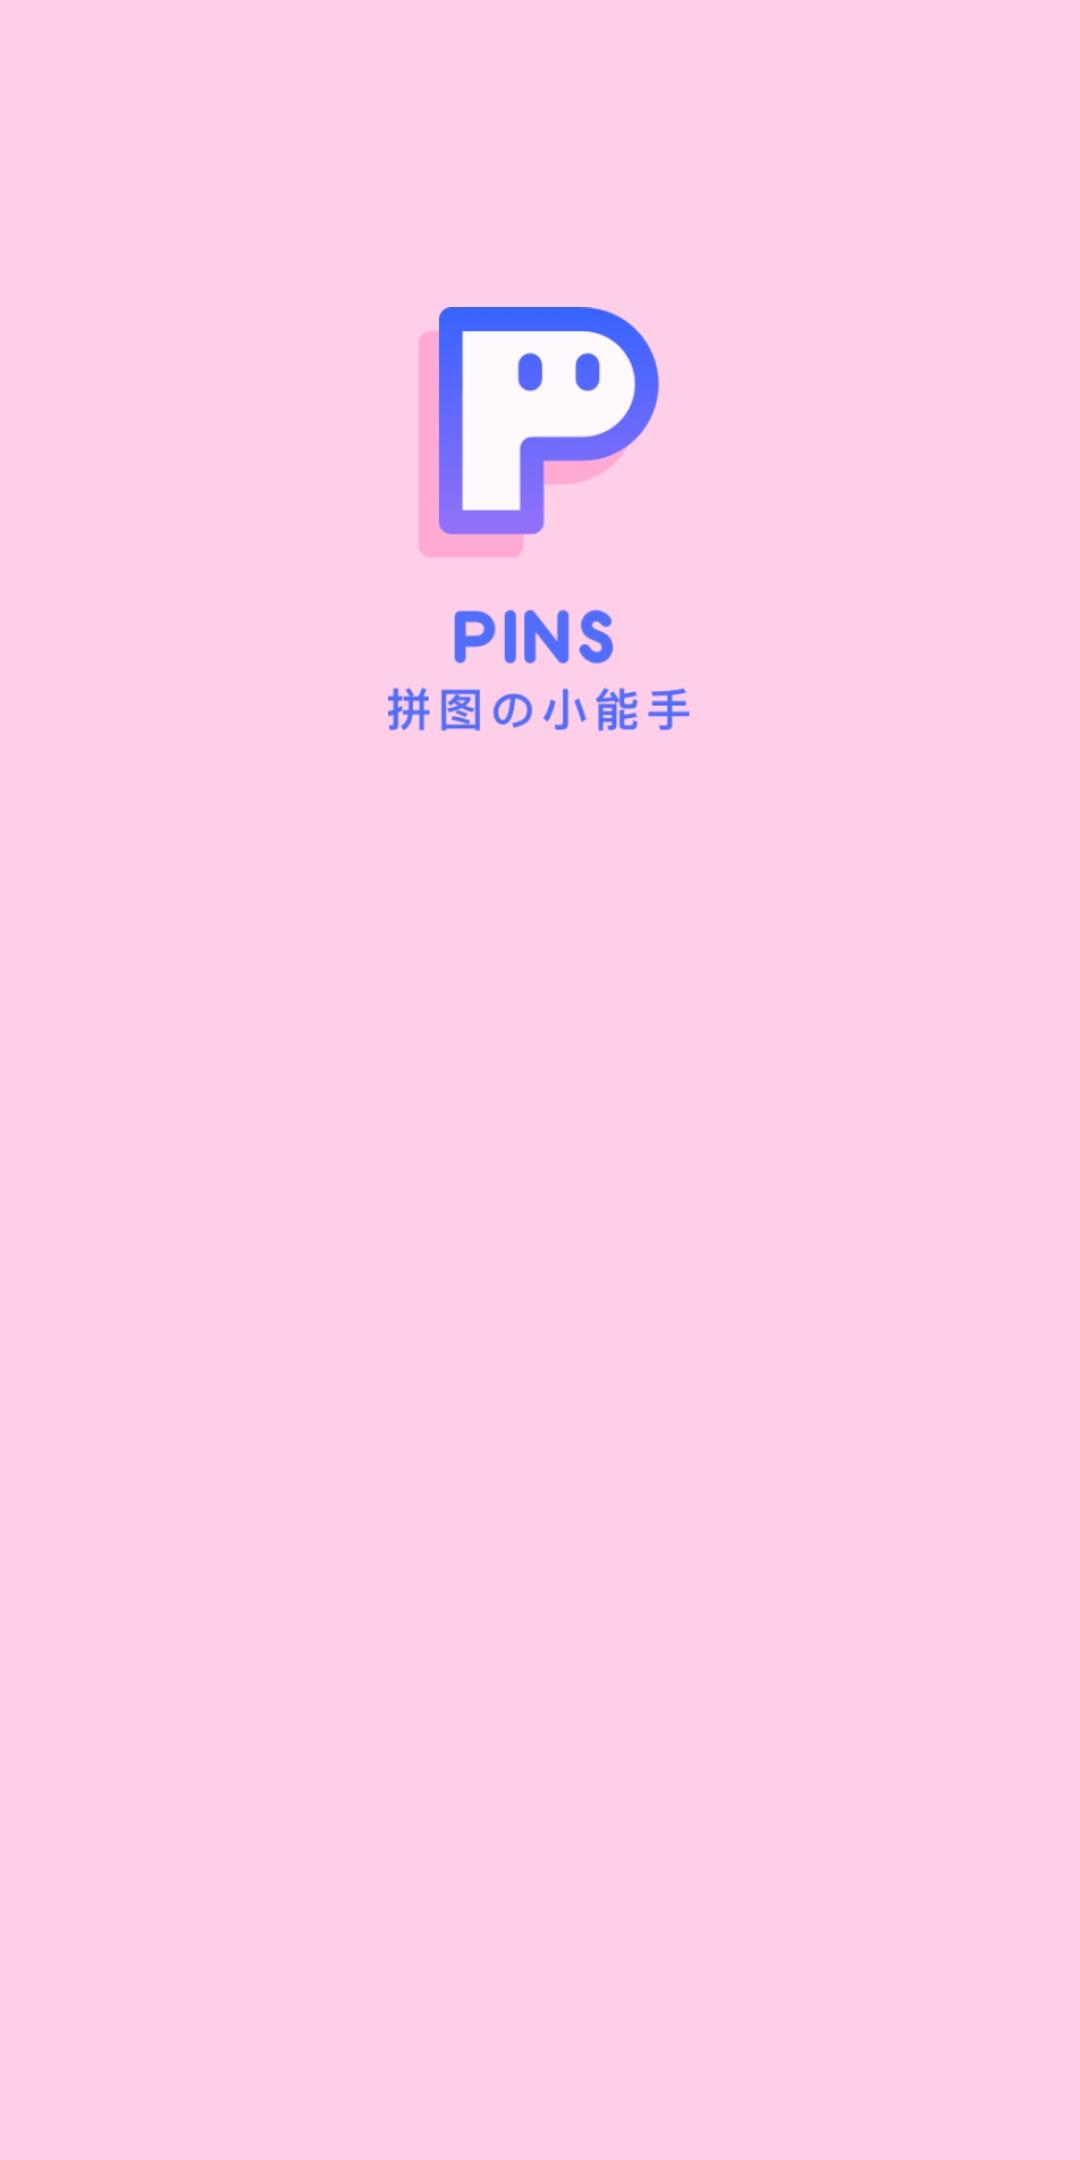 【分享】PINSv6.3.1~近百种拼图模板,最好用的拼图软件